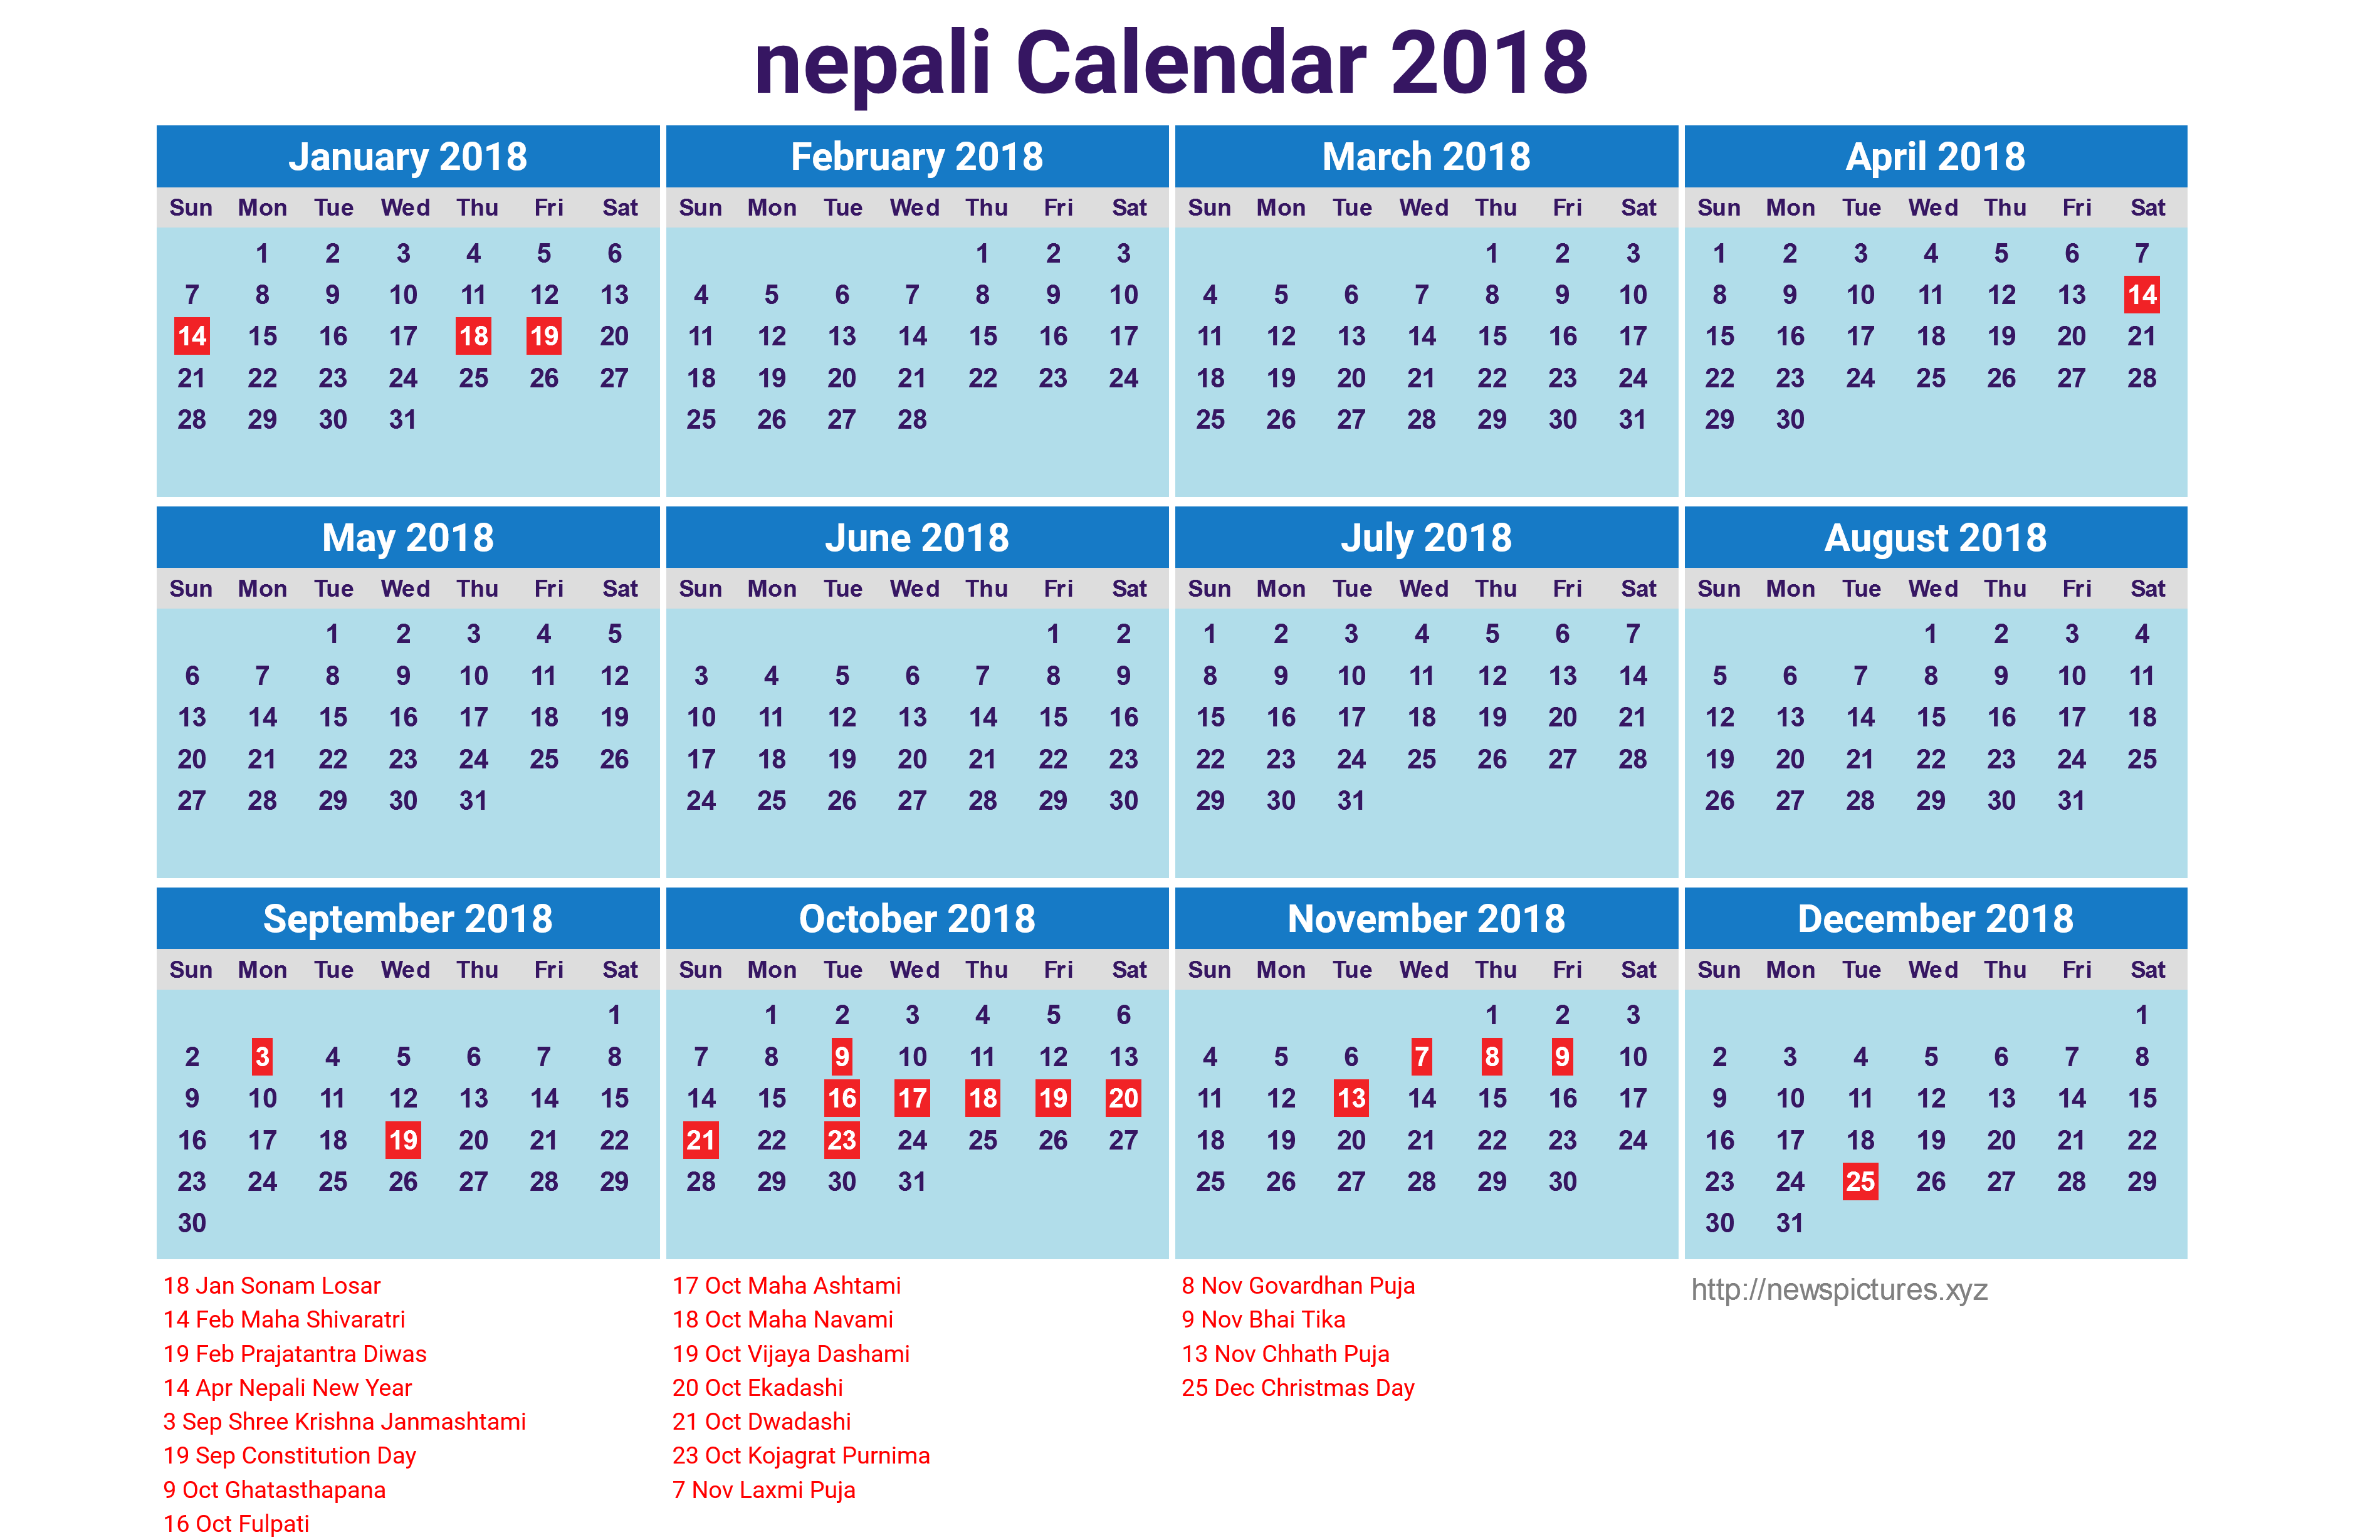 nepali calendar 2018 11 newspictures.xyz